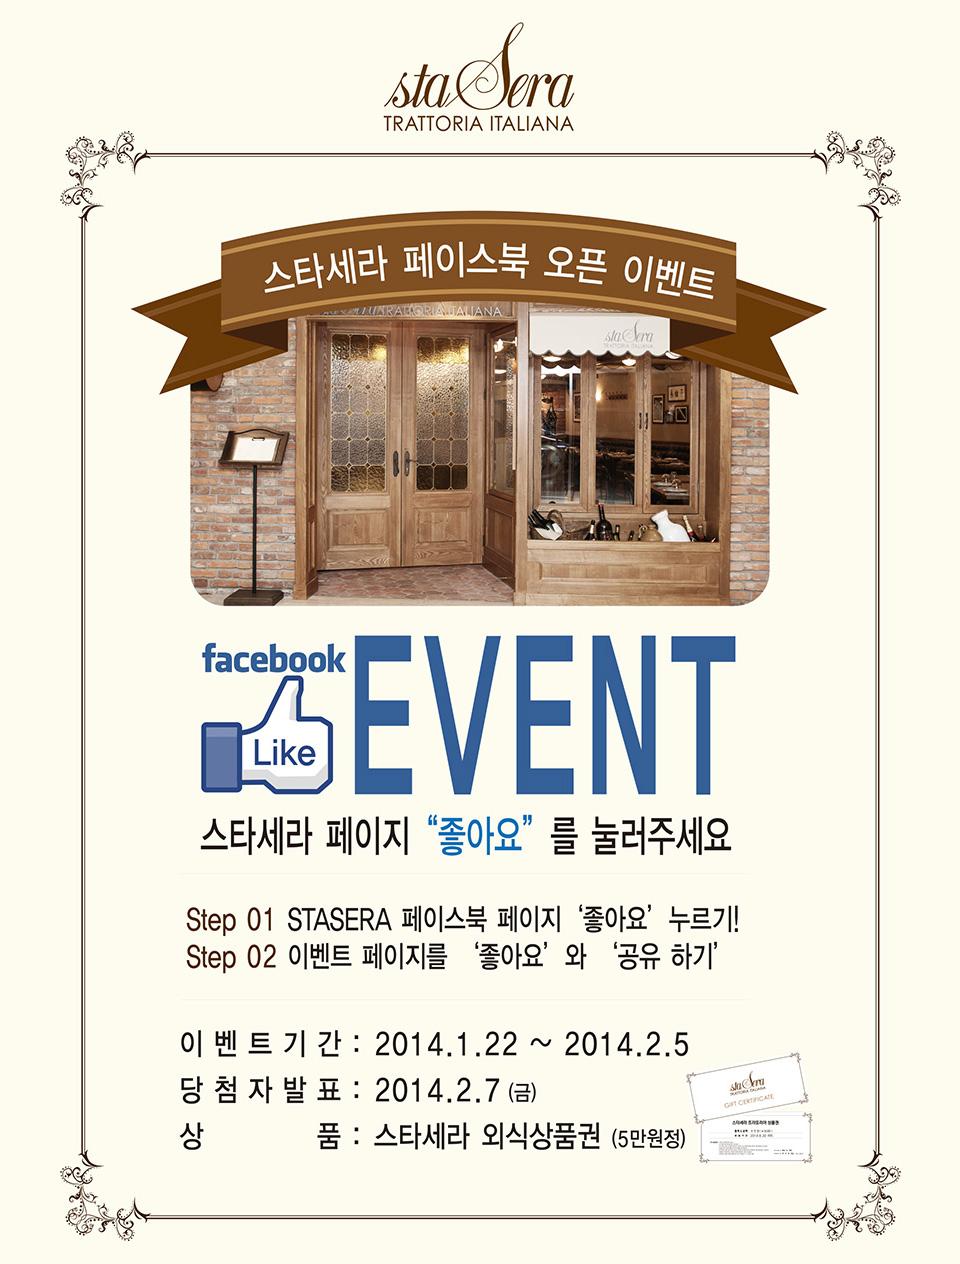 스타세라 페이스북 오픈 이벤트에 참여하시고  스타세라 외식상품권 받아 가세요.